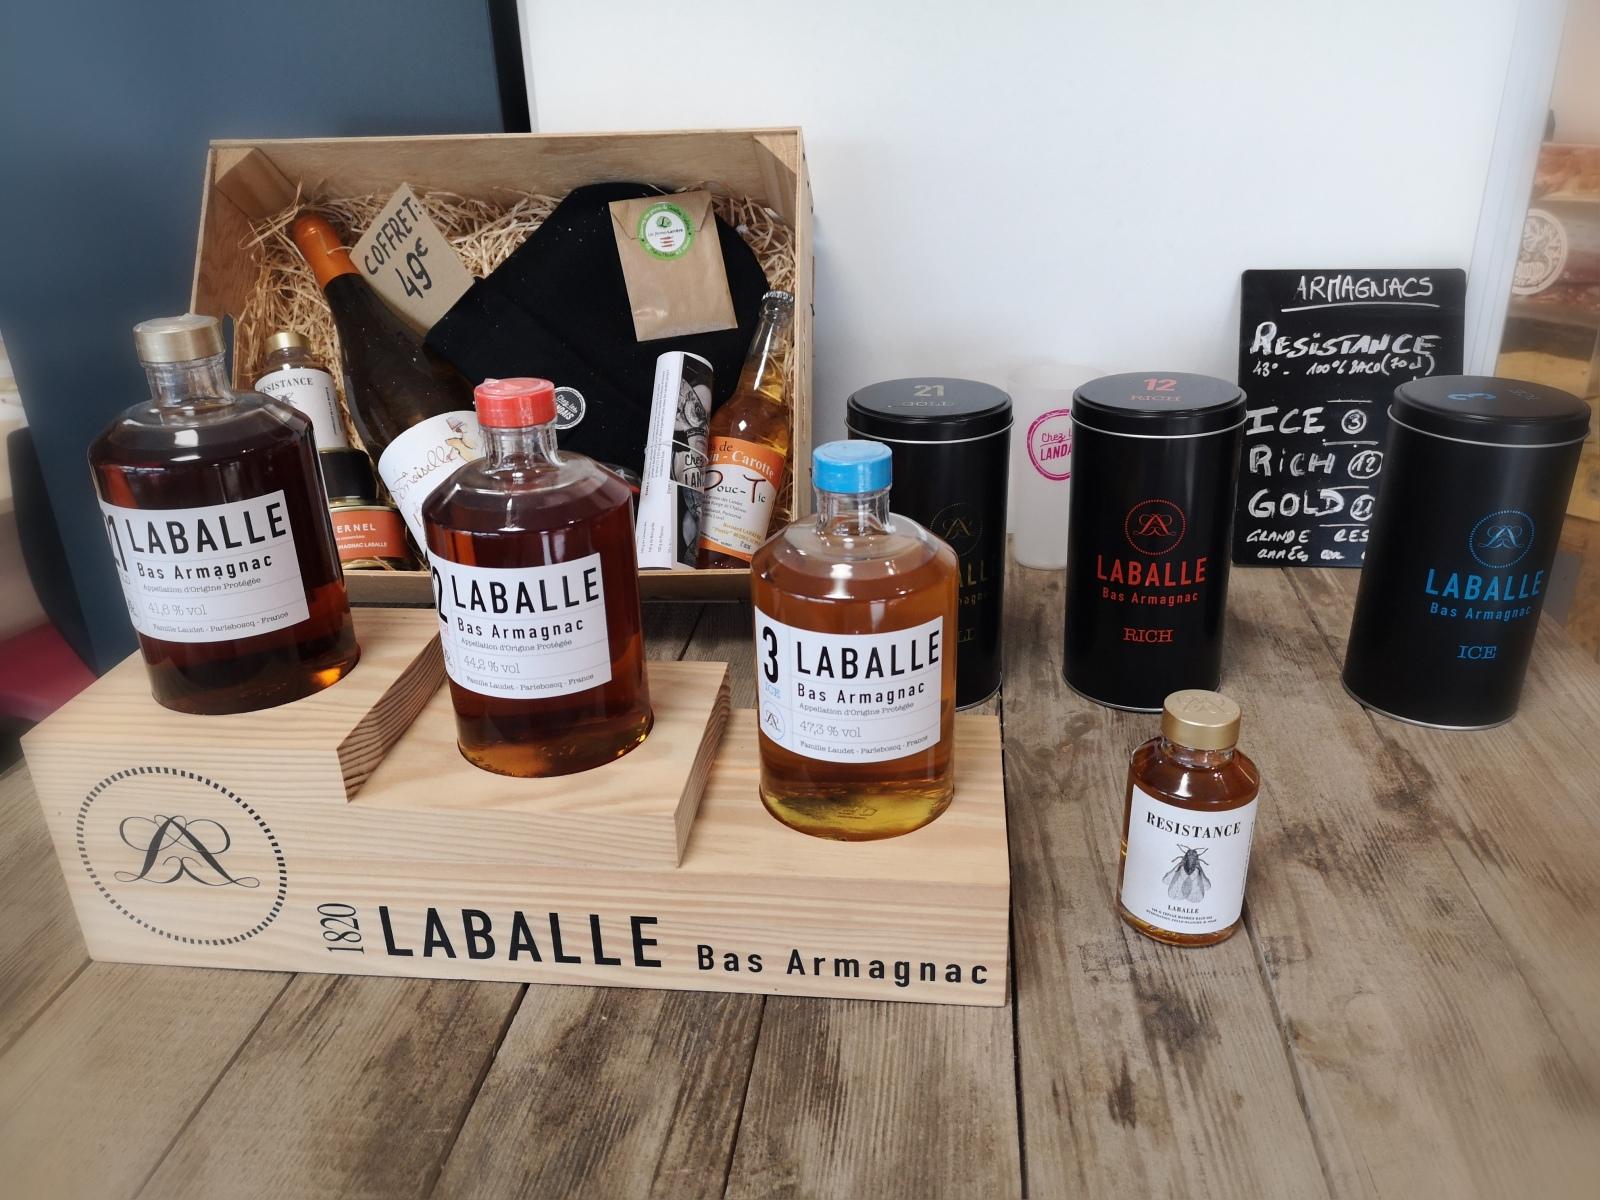 Les Armagnacs Laballe